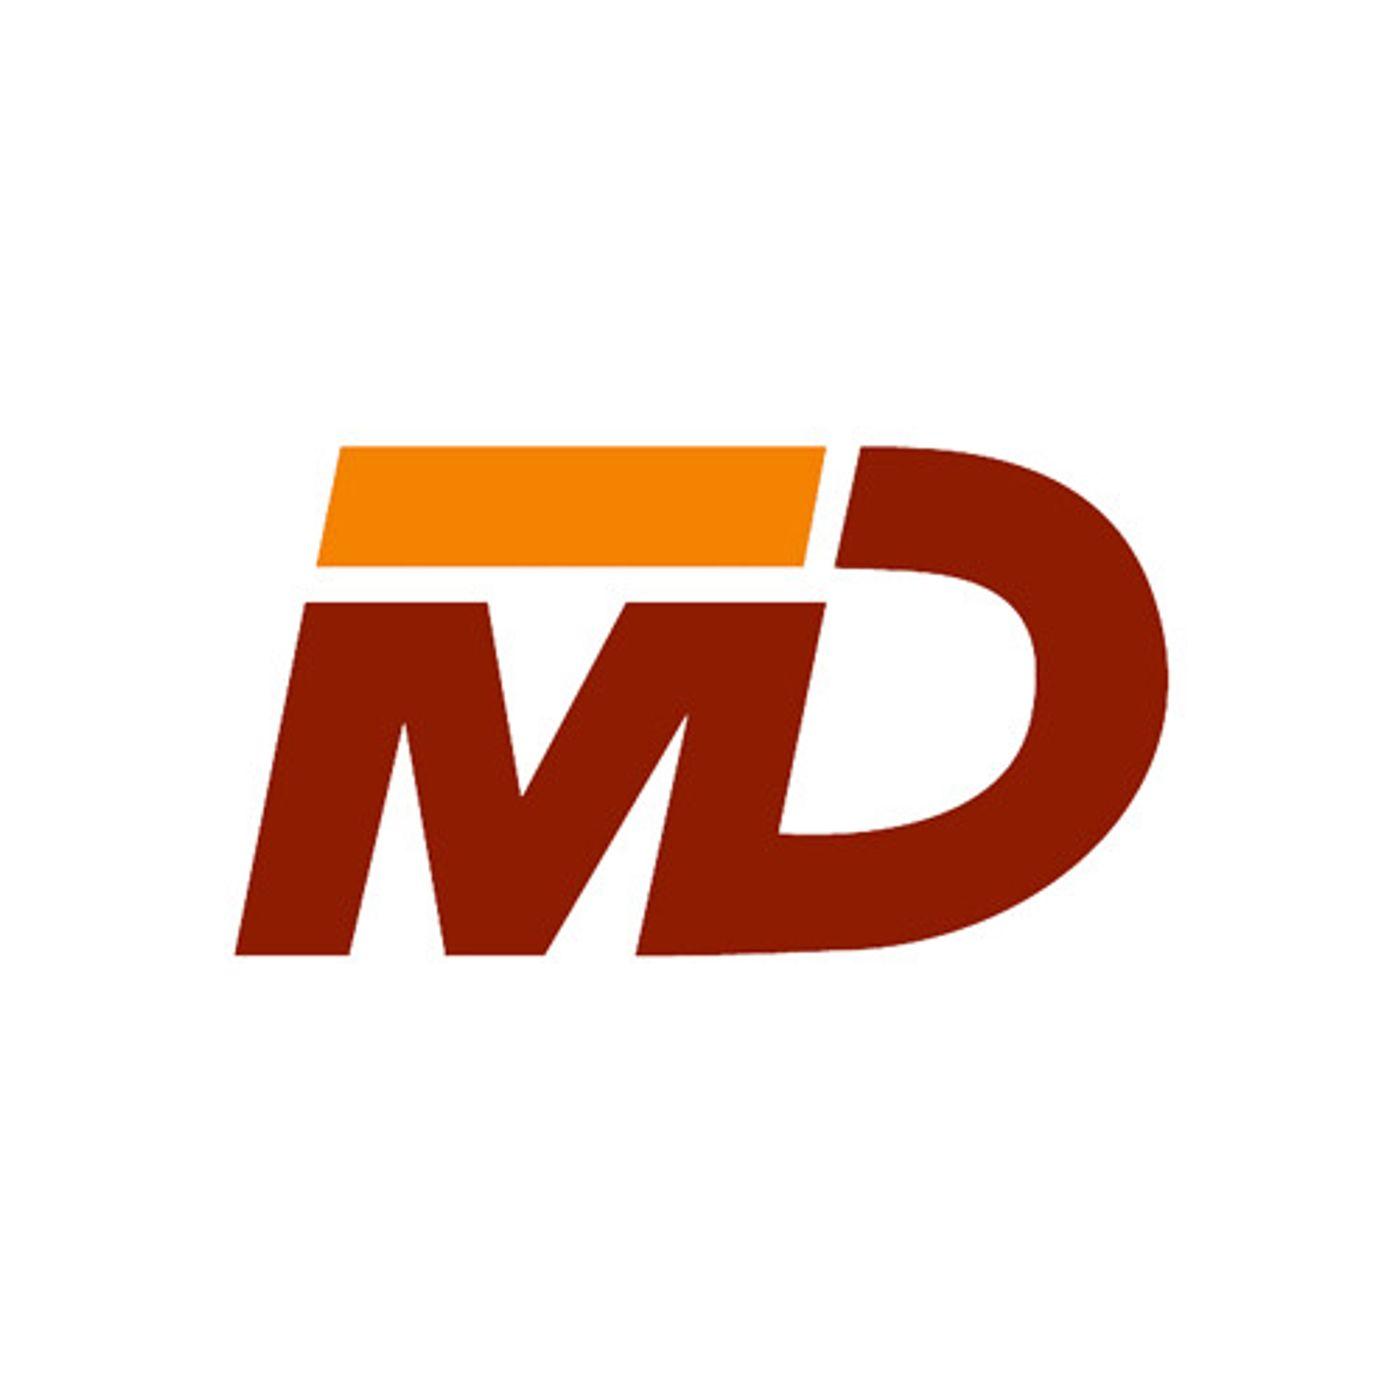 Teleconferência de Resultados da Moura Dubeux (MDNE3) do 1t20